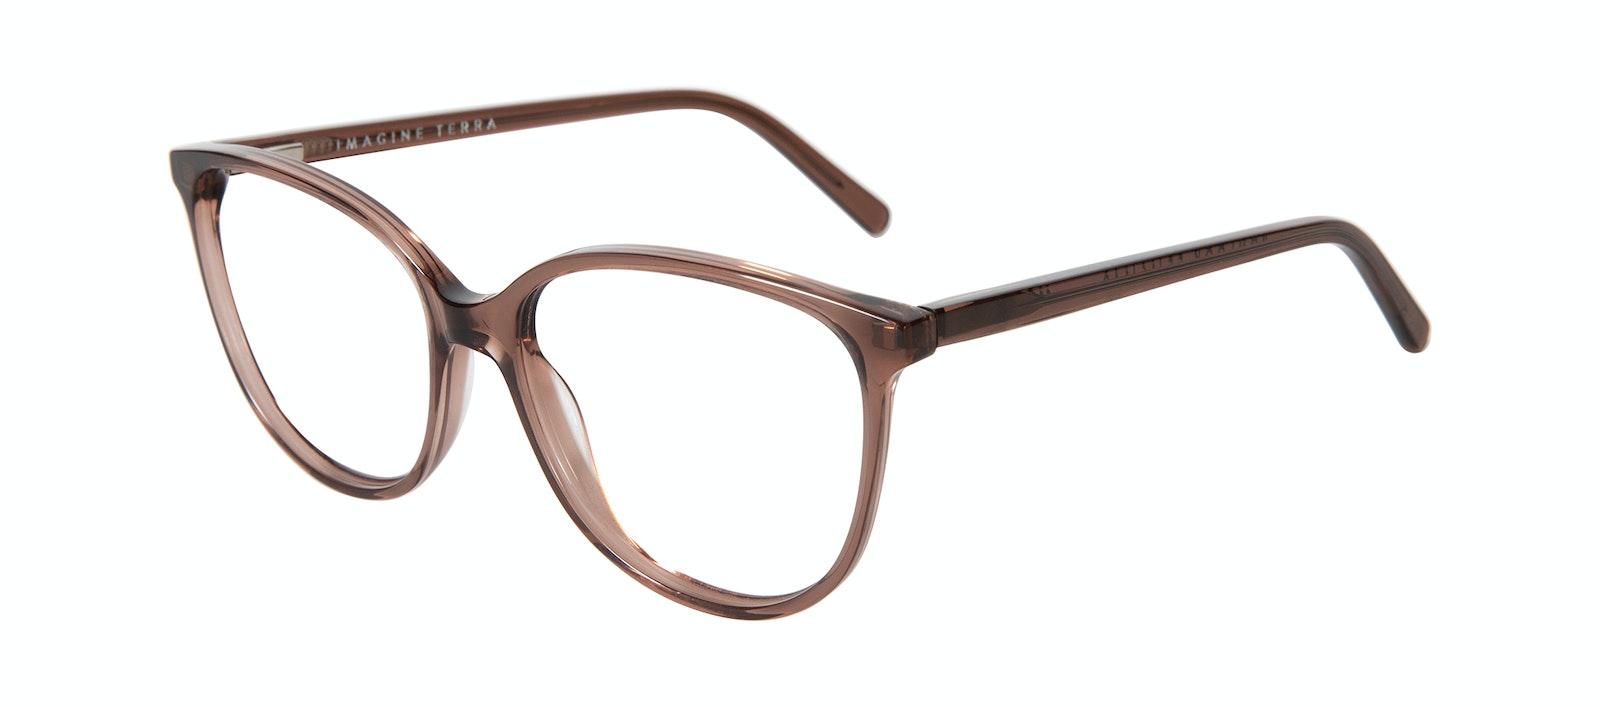 Affordable Fashion Glasses Cat Eye Eyeglasses Women Imagine Terra Tilt